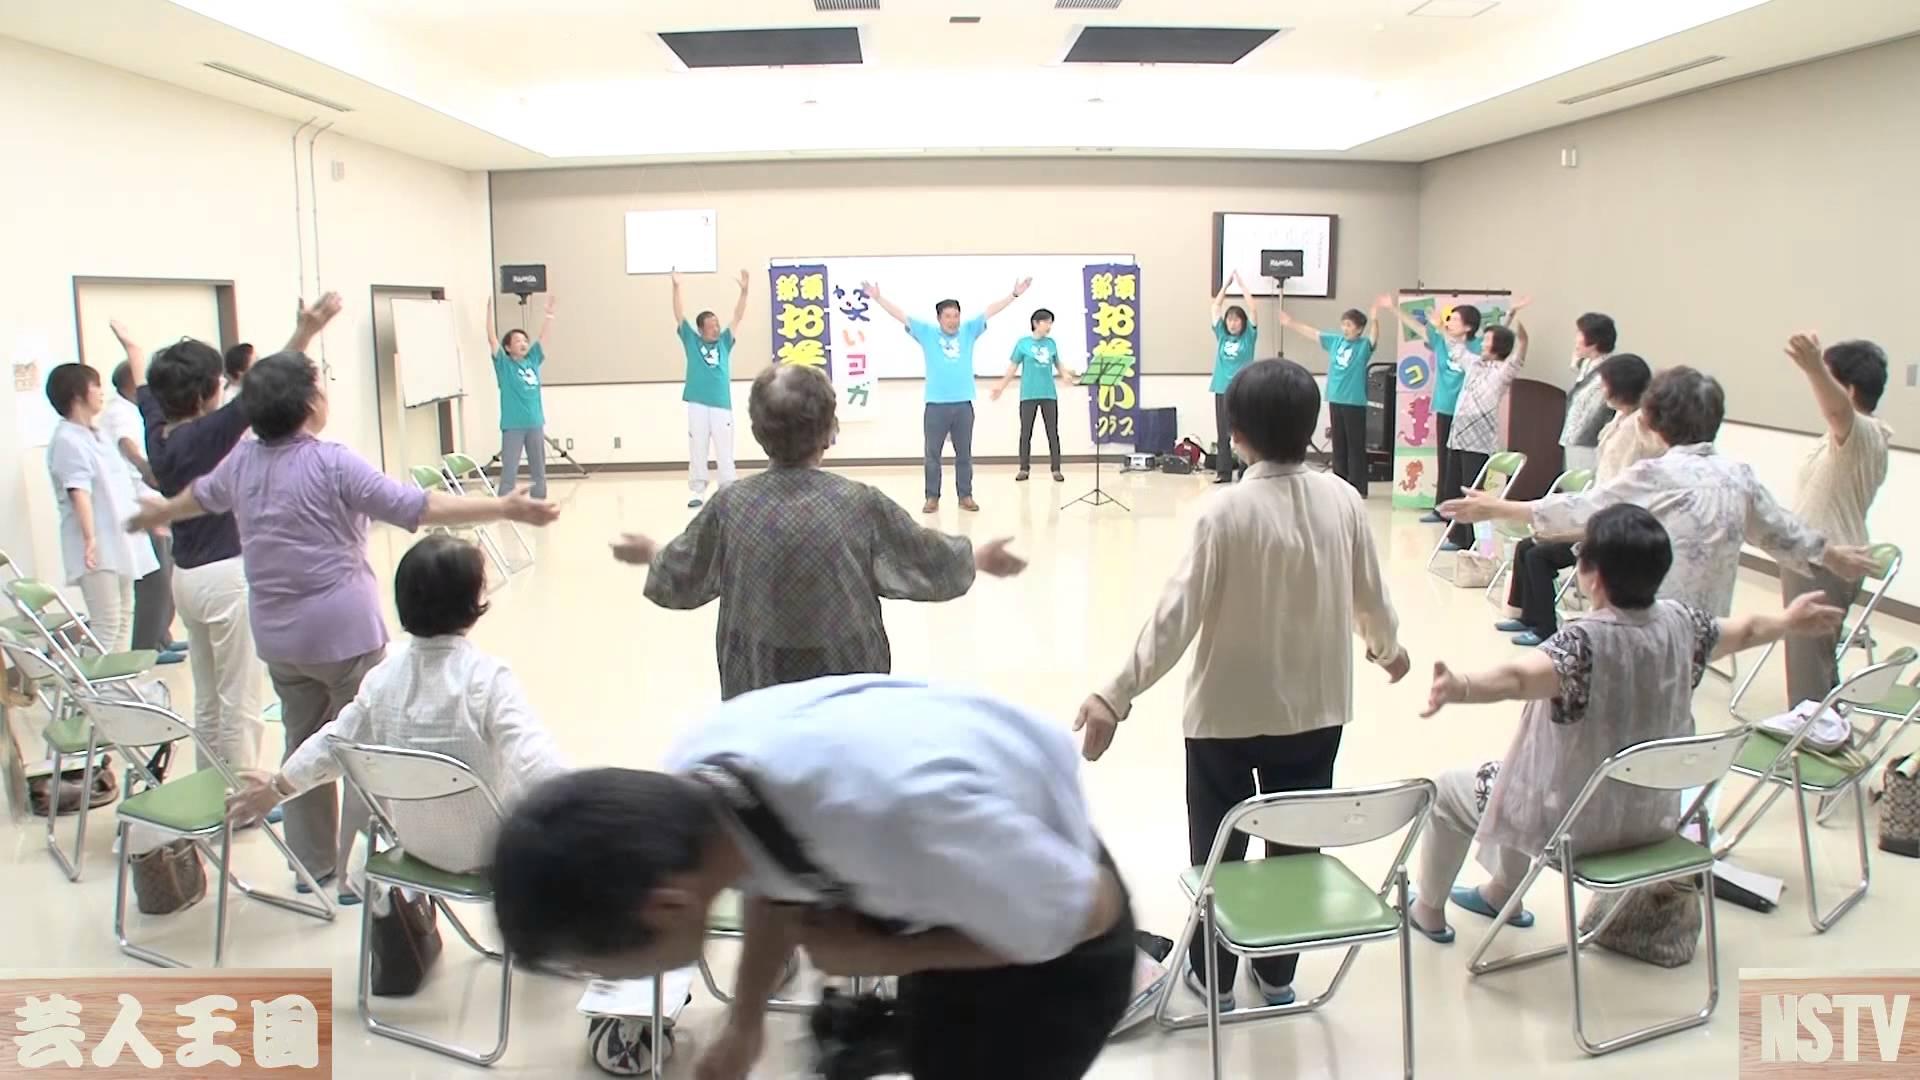 佐久山地区「健康講話」2014年6月(2)[芸人王国]